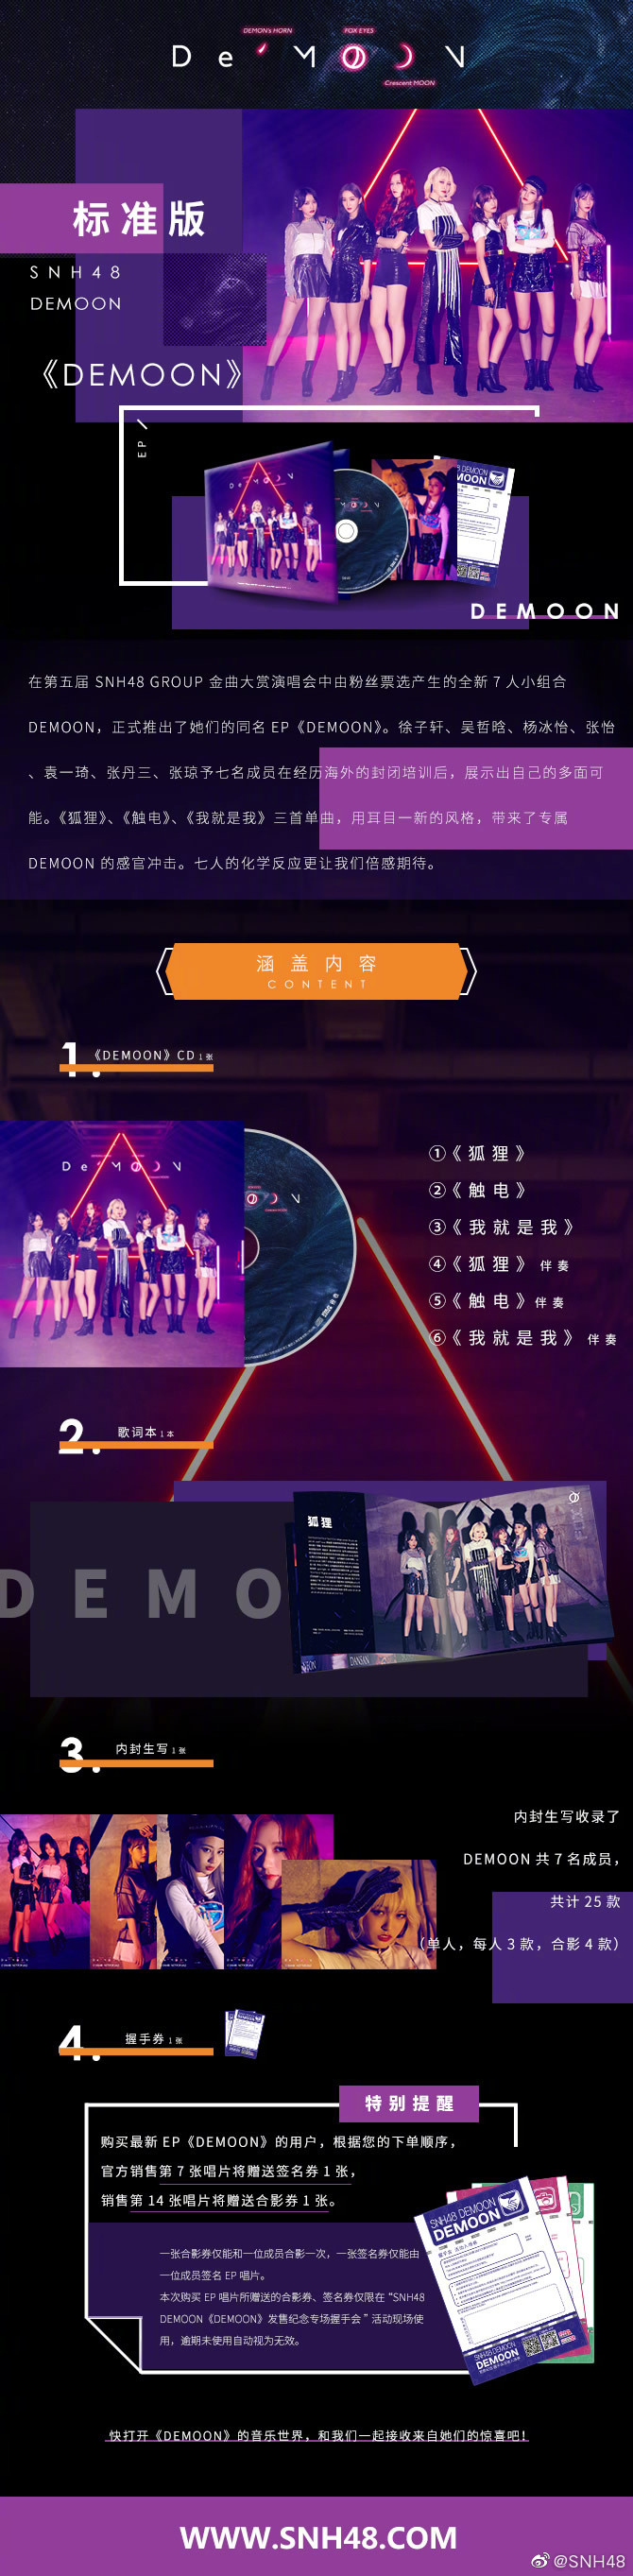 出道纪念周边即将开售1同名EP《DEMOON》 08/30上架预售CD*1张